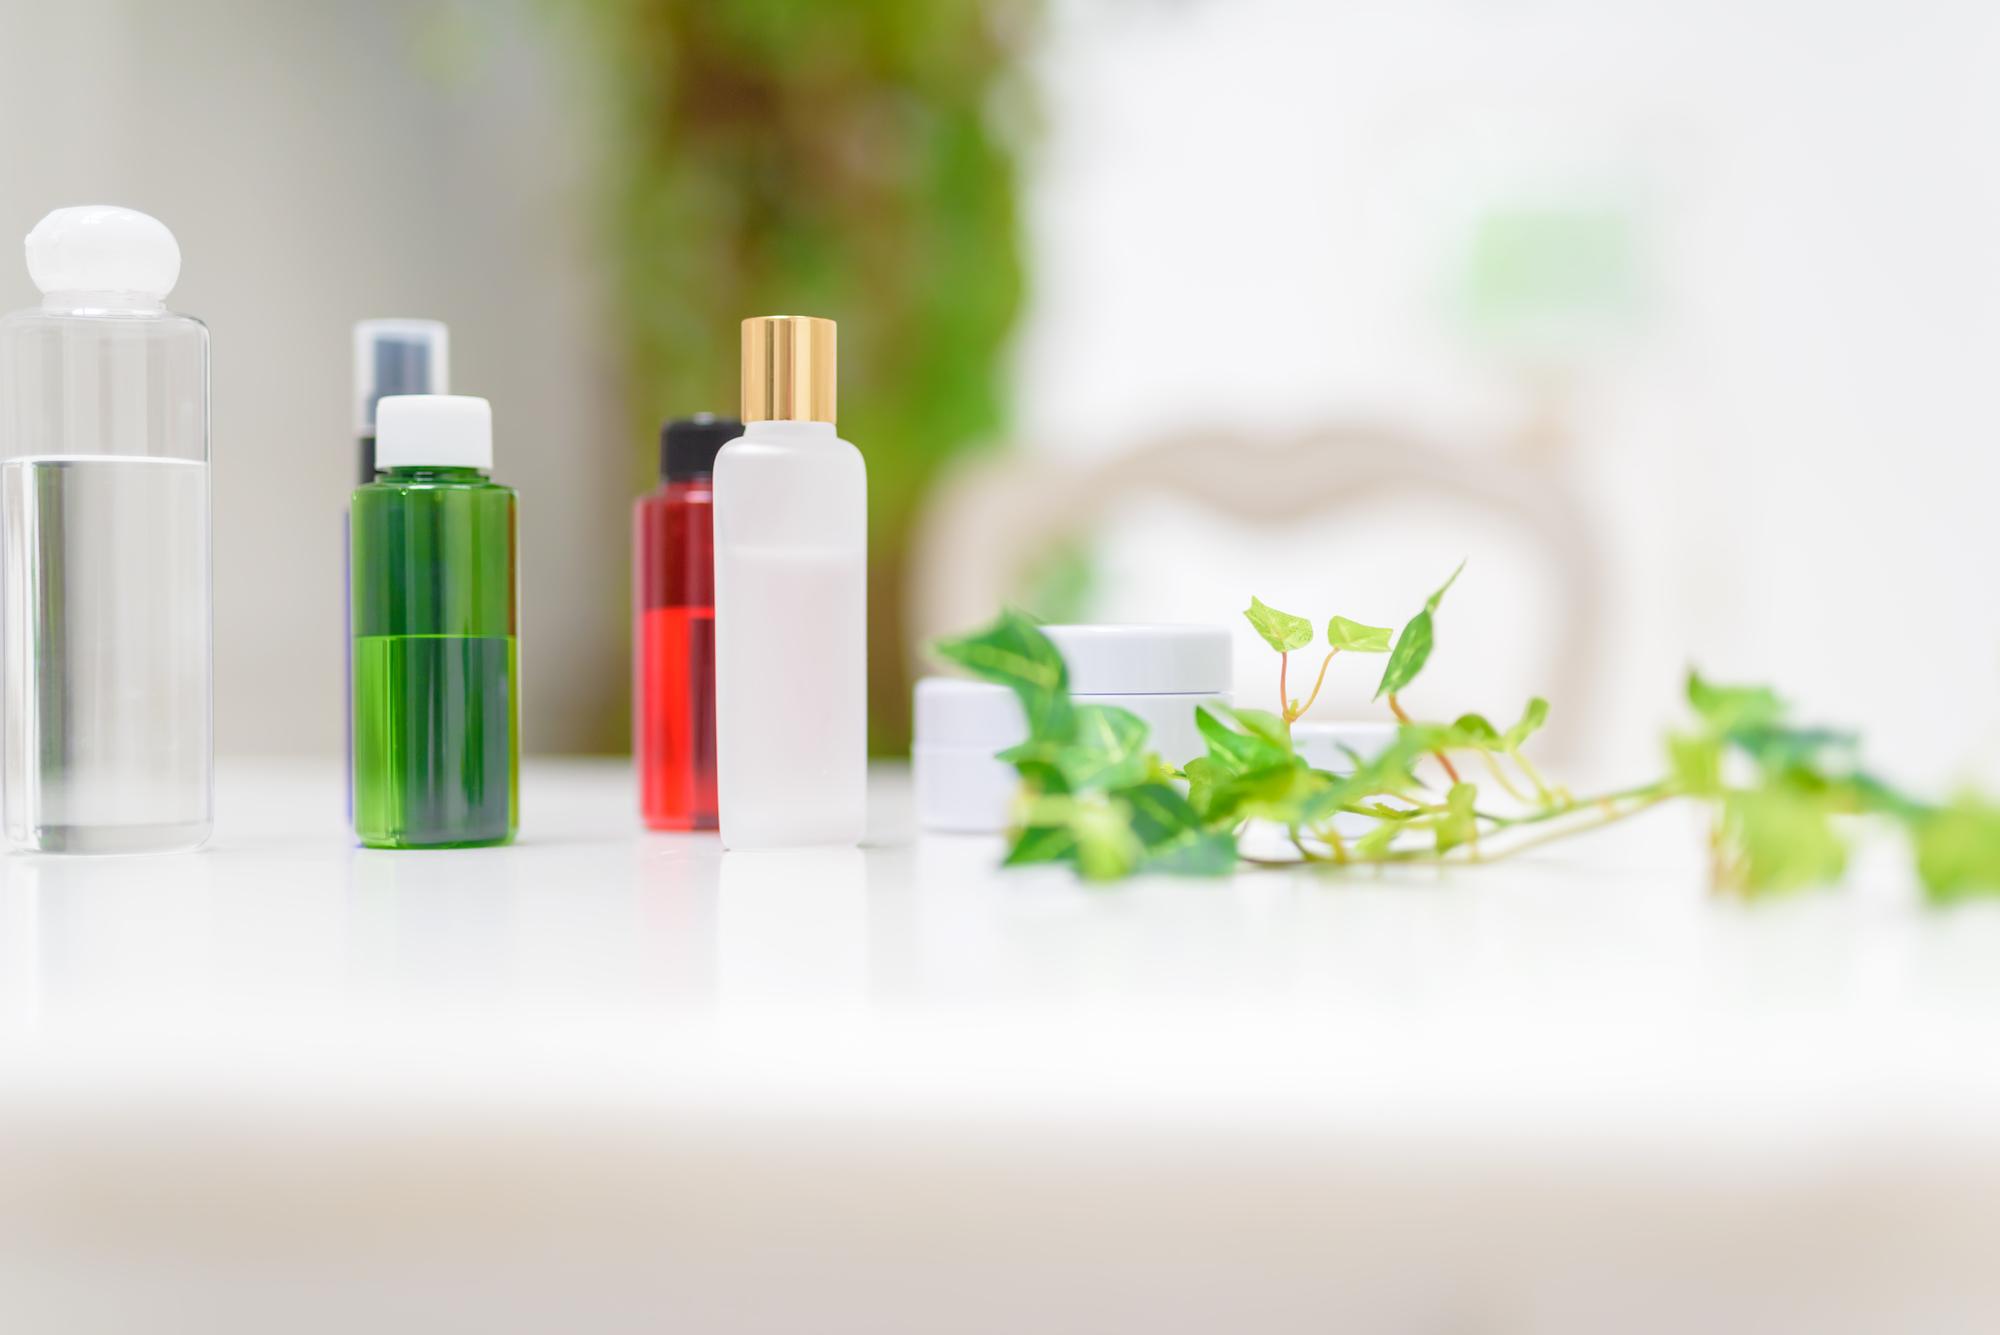 ニキビケア化粧水おすすめランキング!ニキビに効果的な化粧水とは?